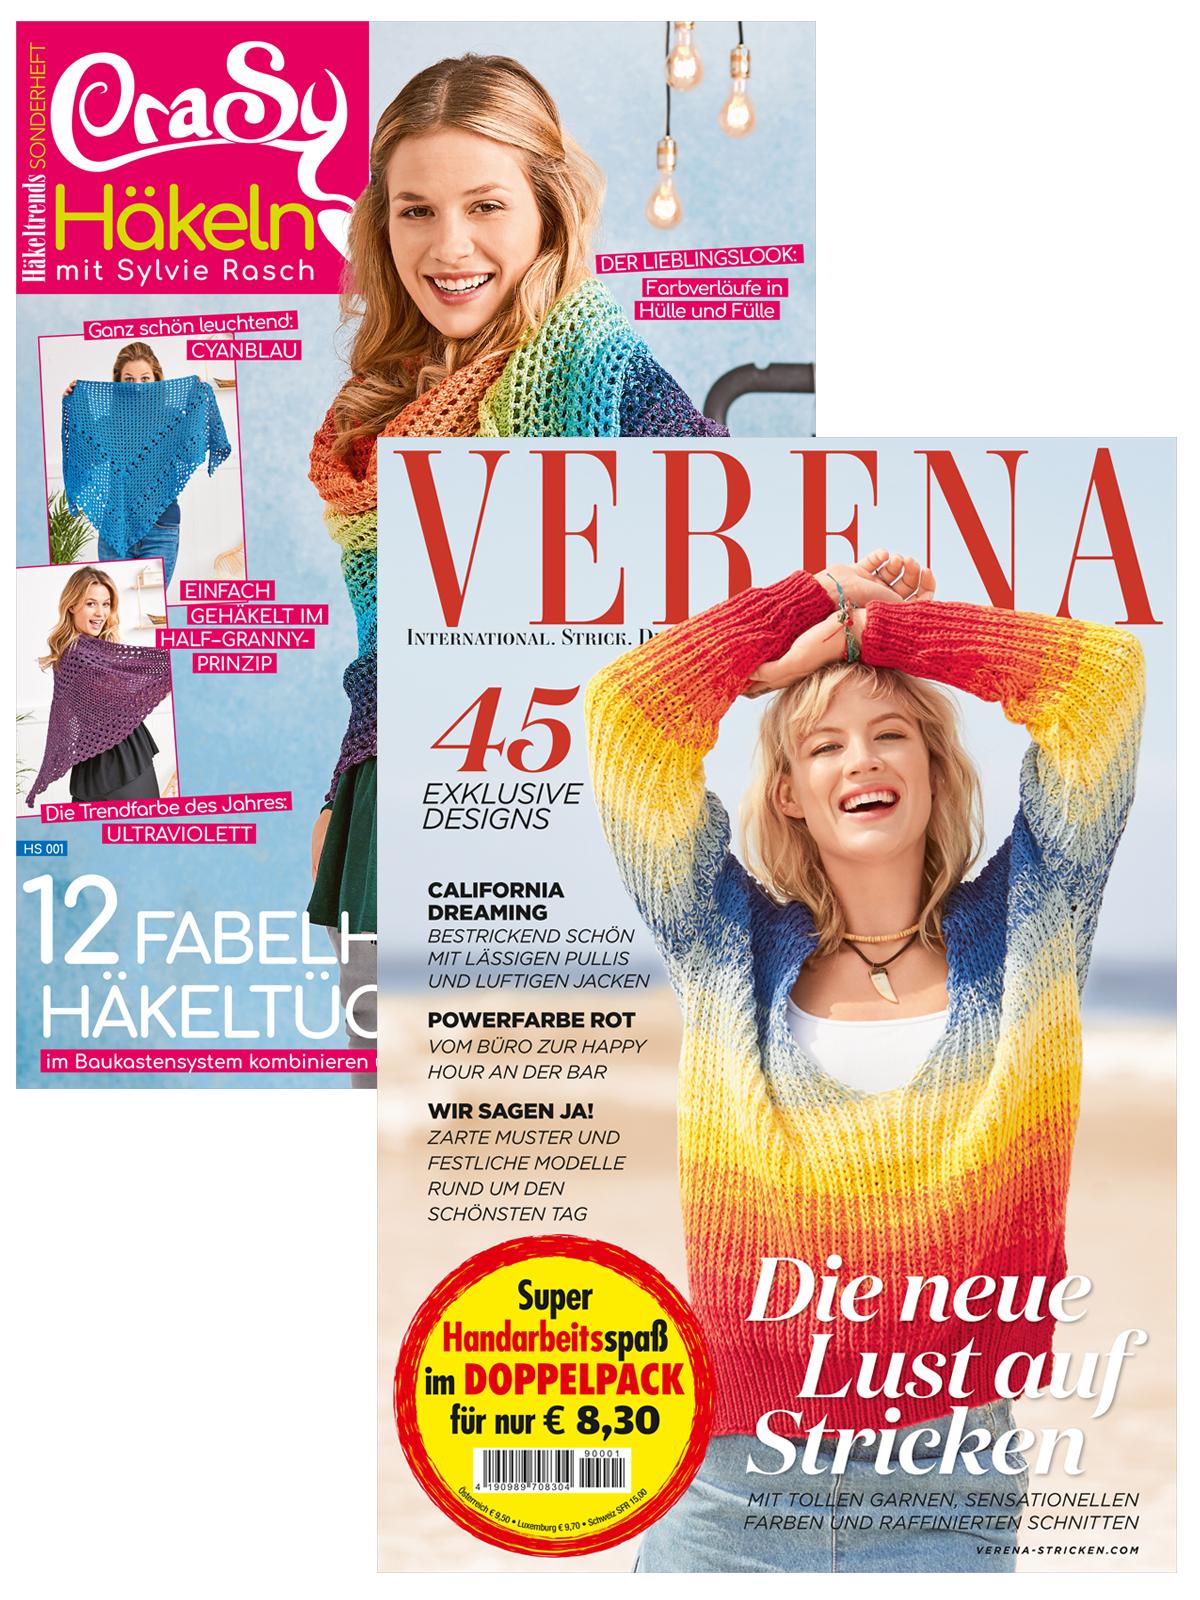 Zwei Zeitschriften - Verena Nr. 2/2019 und CraSy Häkeltücher (HS001)